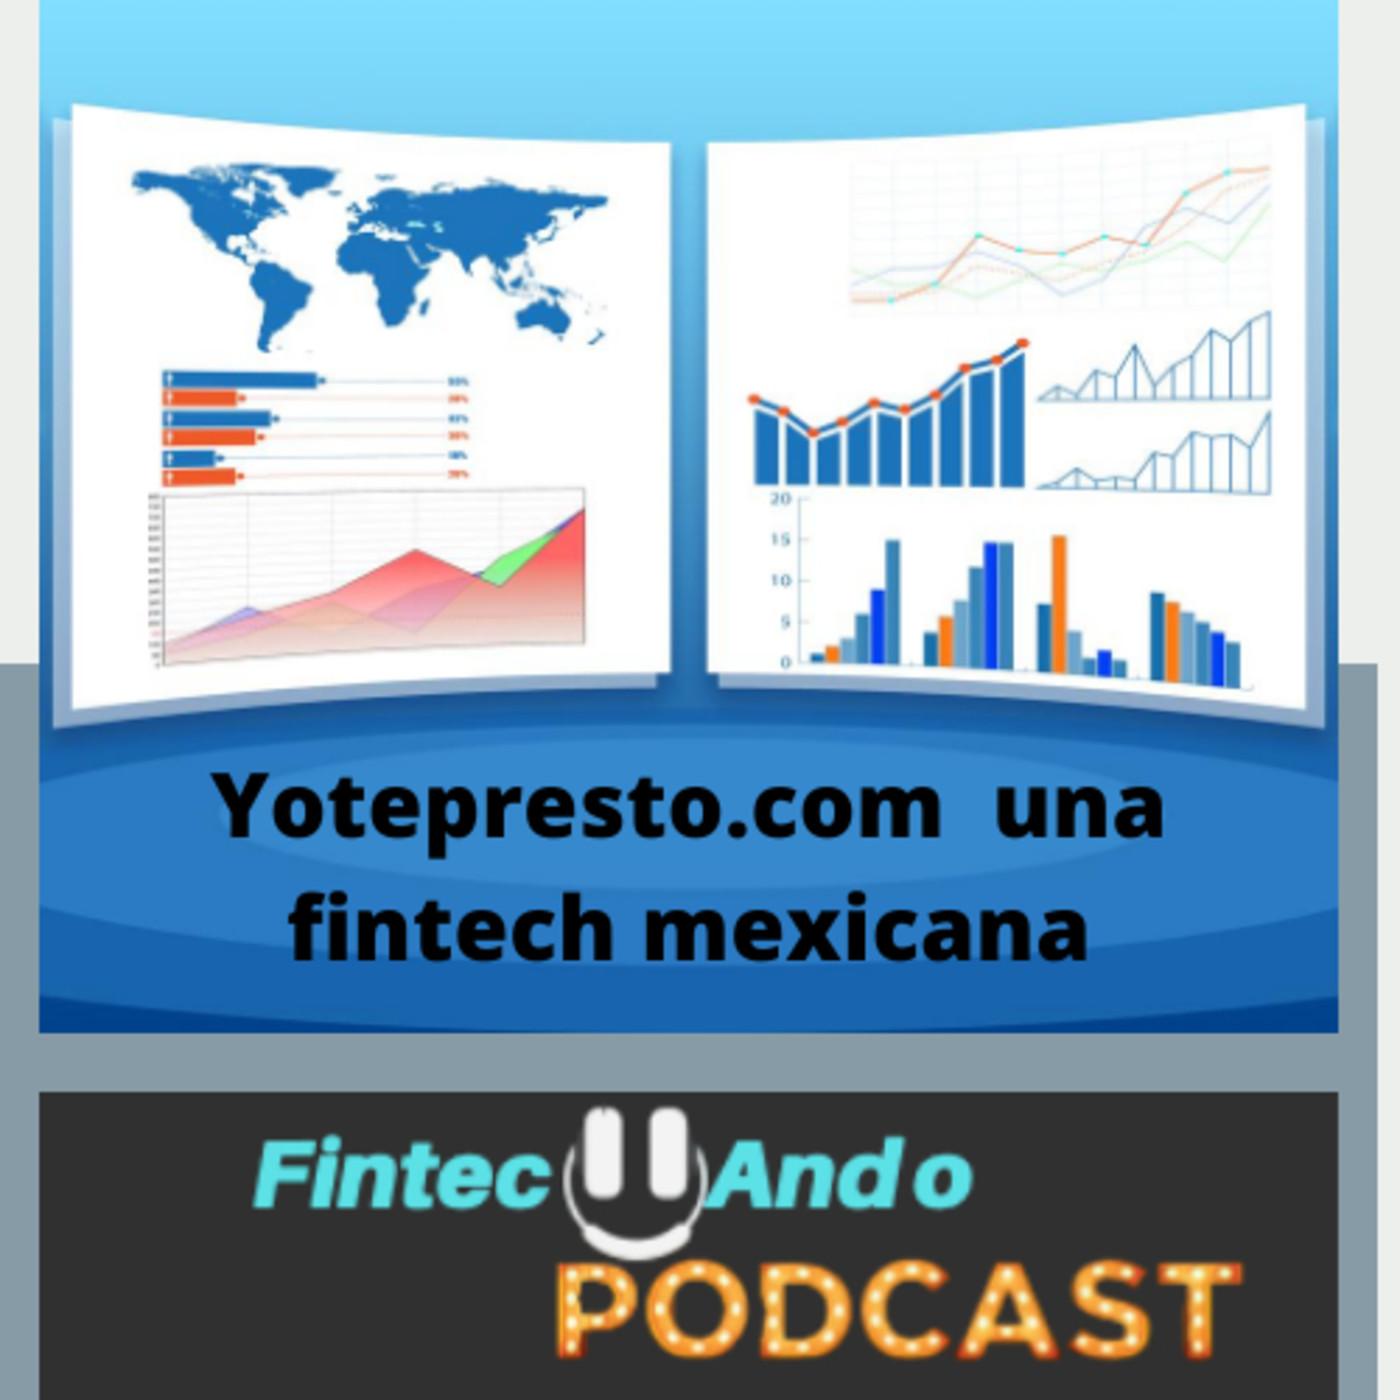 #28 Yotepresto.com una fintech mexicana